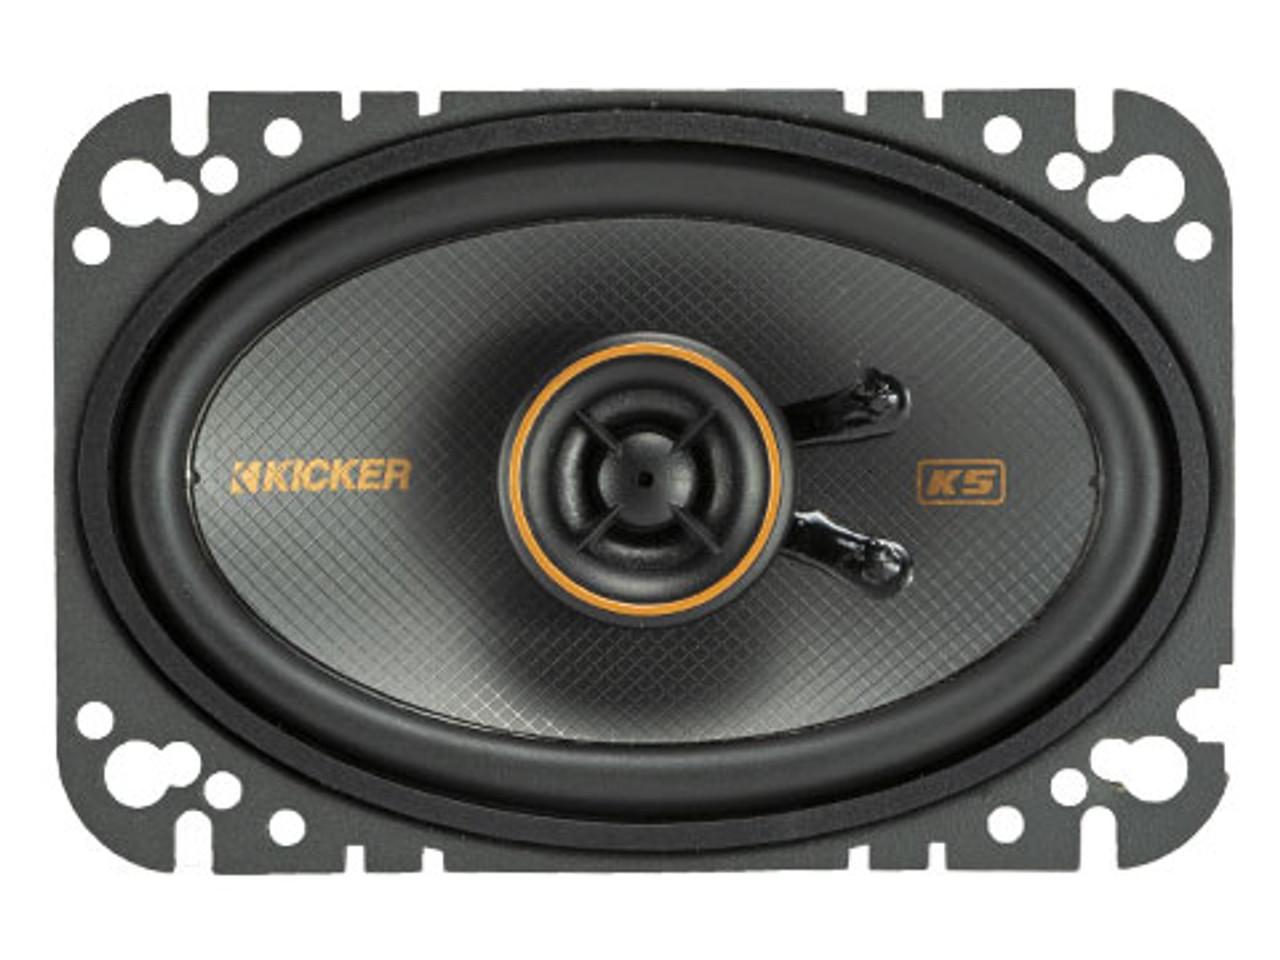 KICKER KSC4604 COAXIAL SPEAKERS